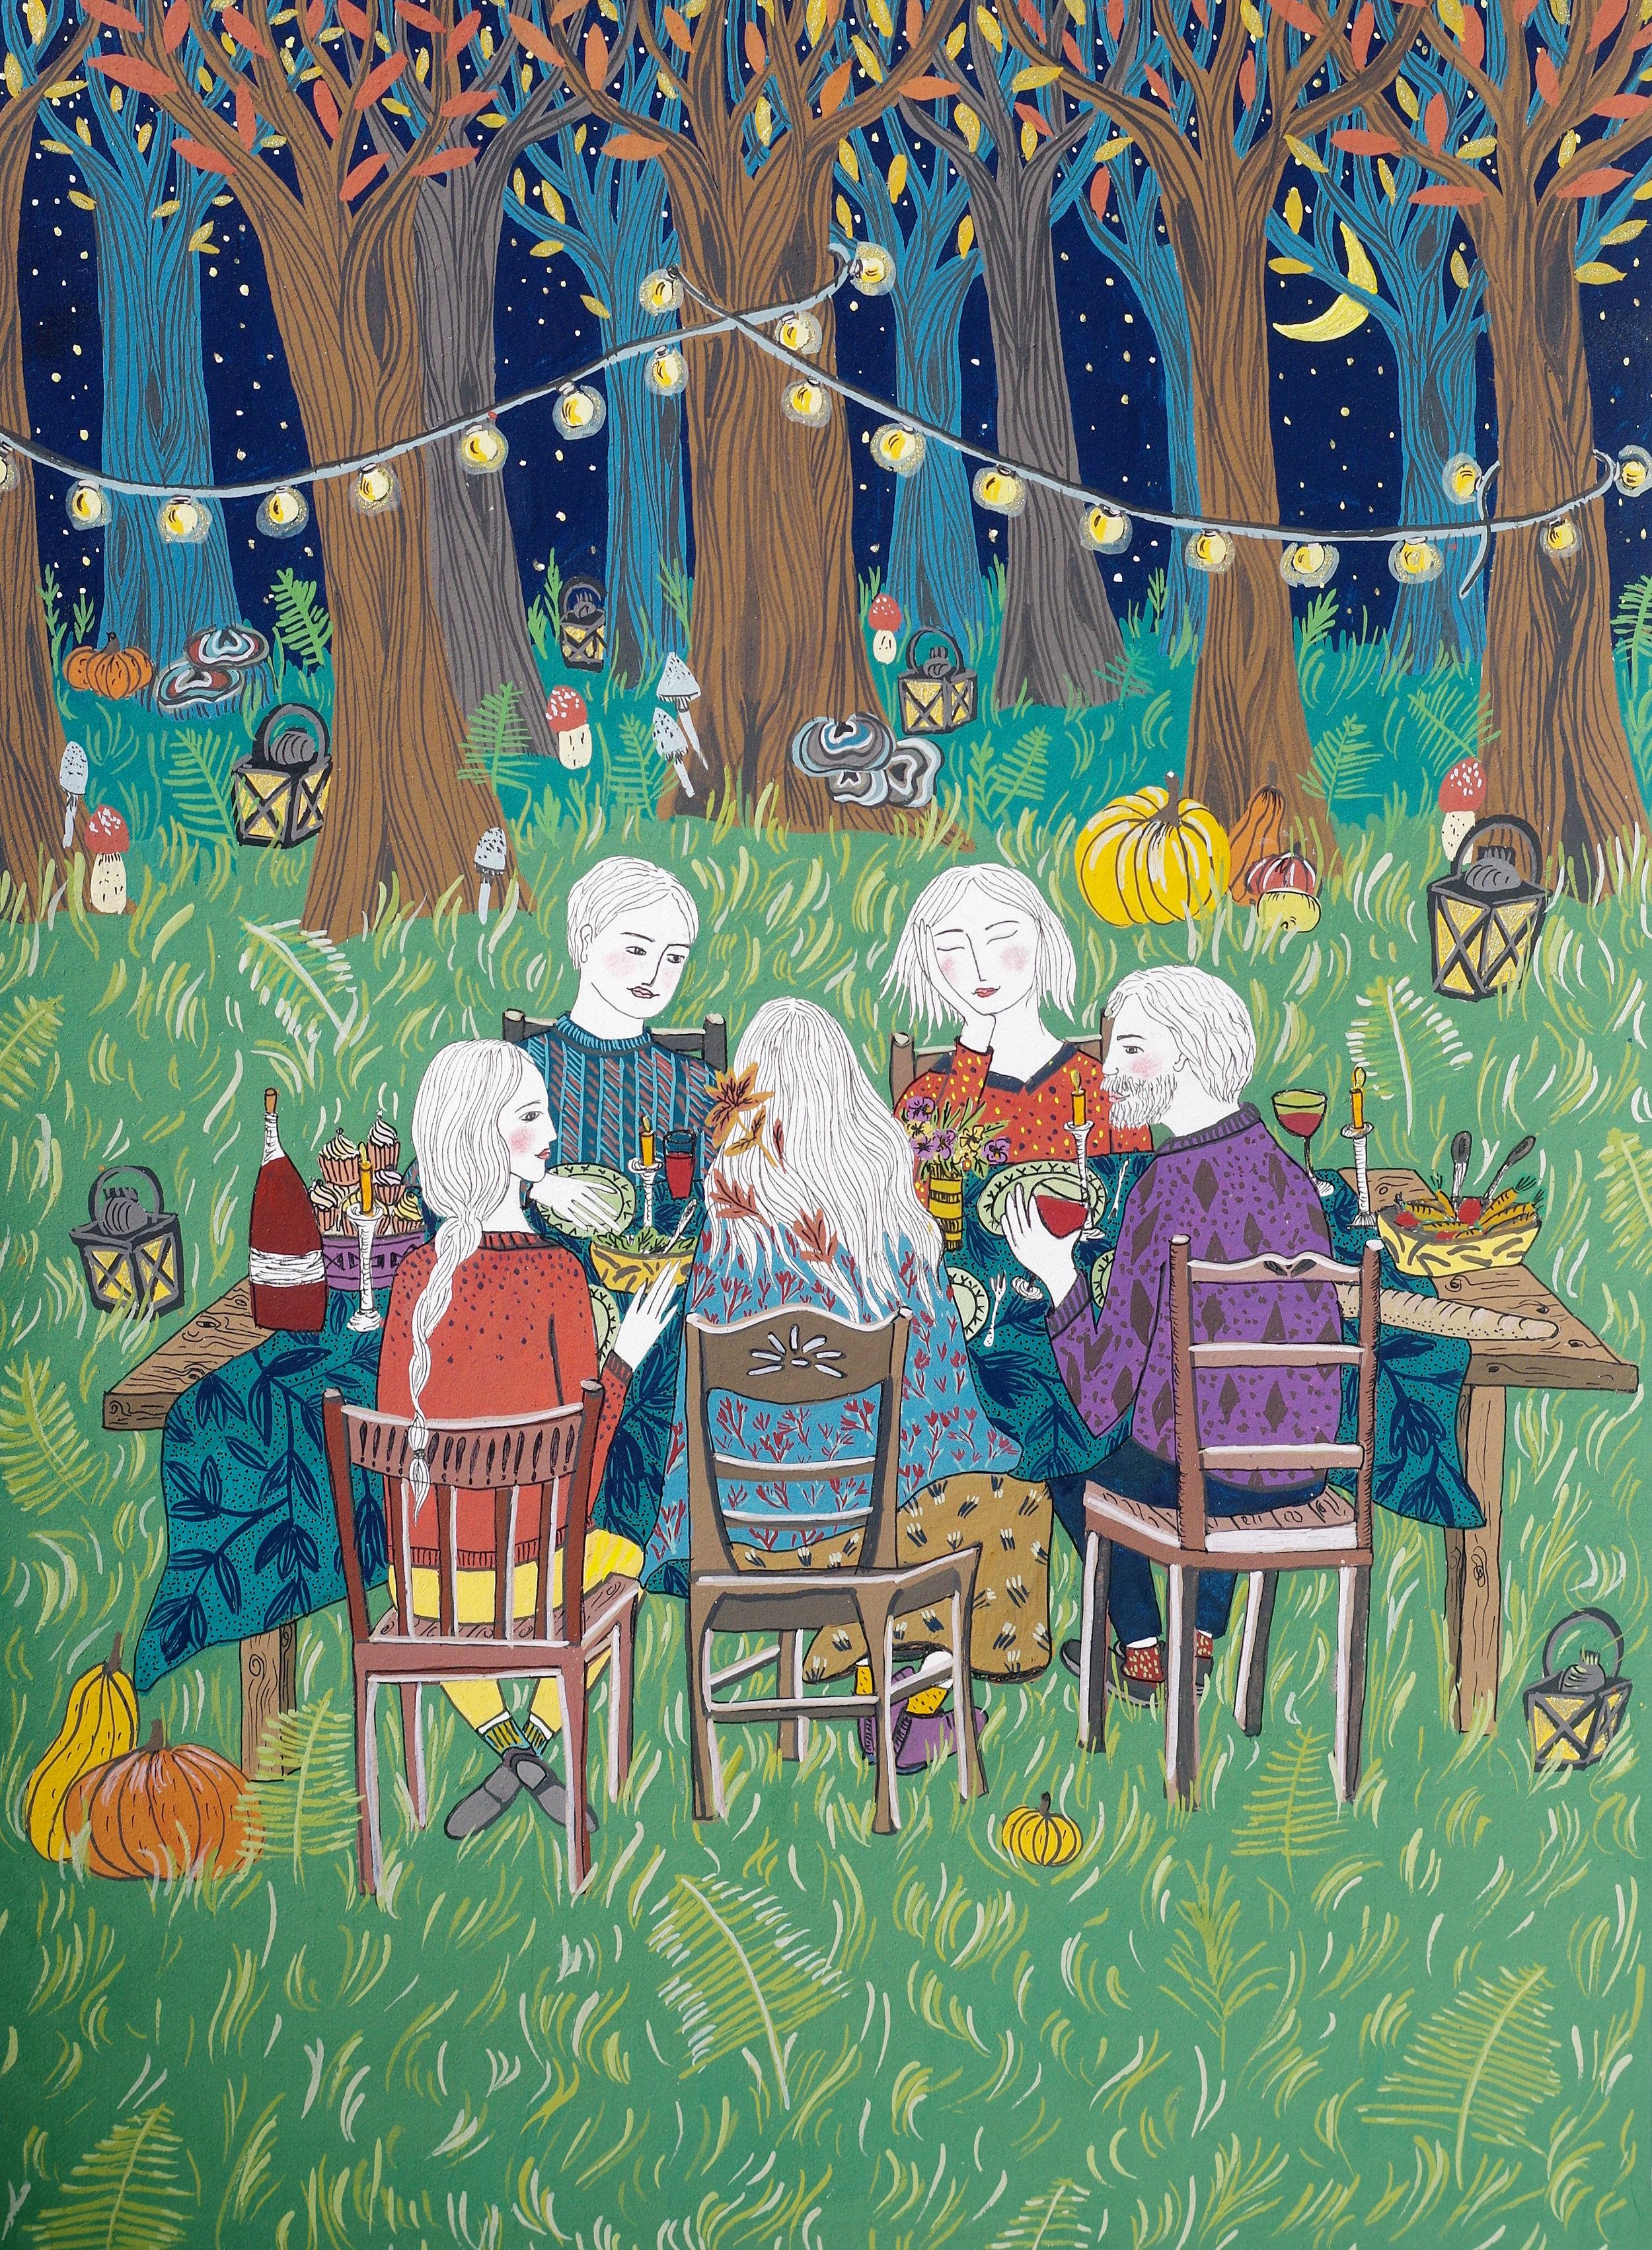 11autumnfeast_illustration_janina_bourosu.jpg